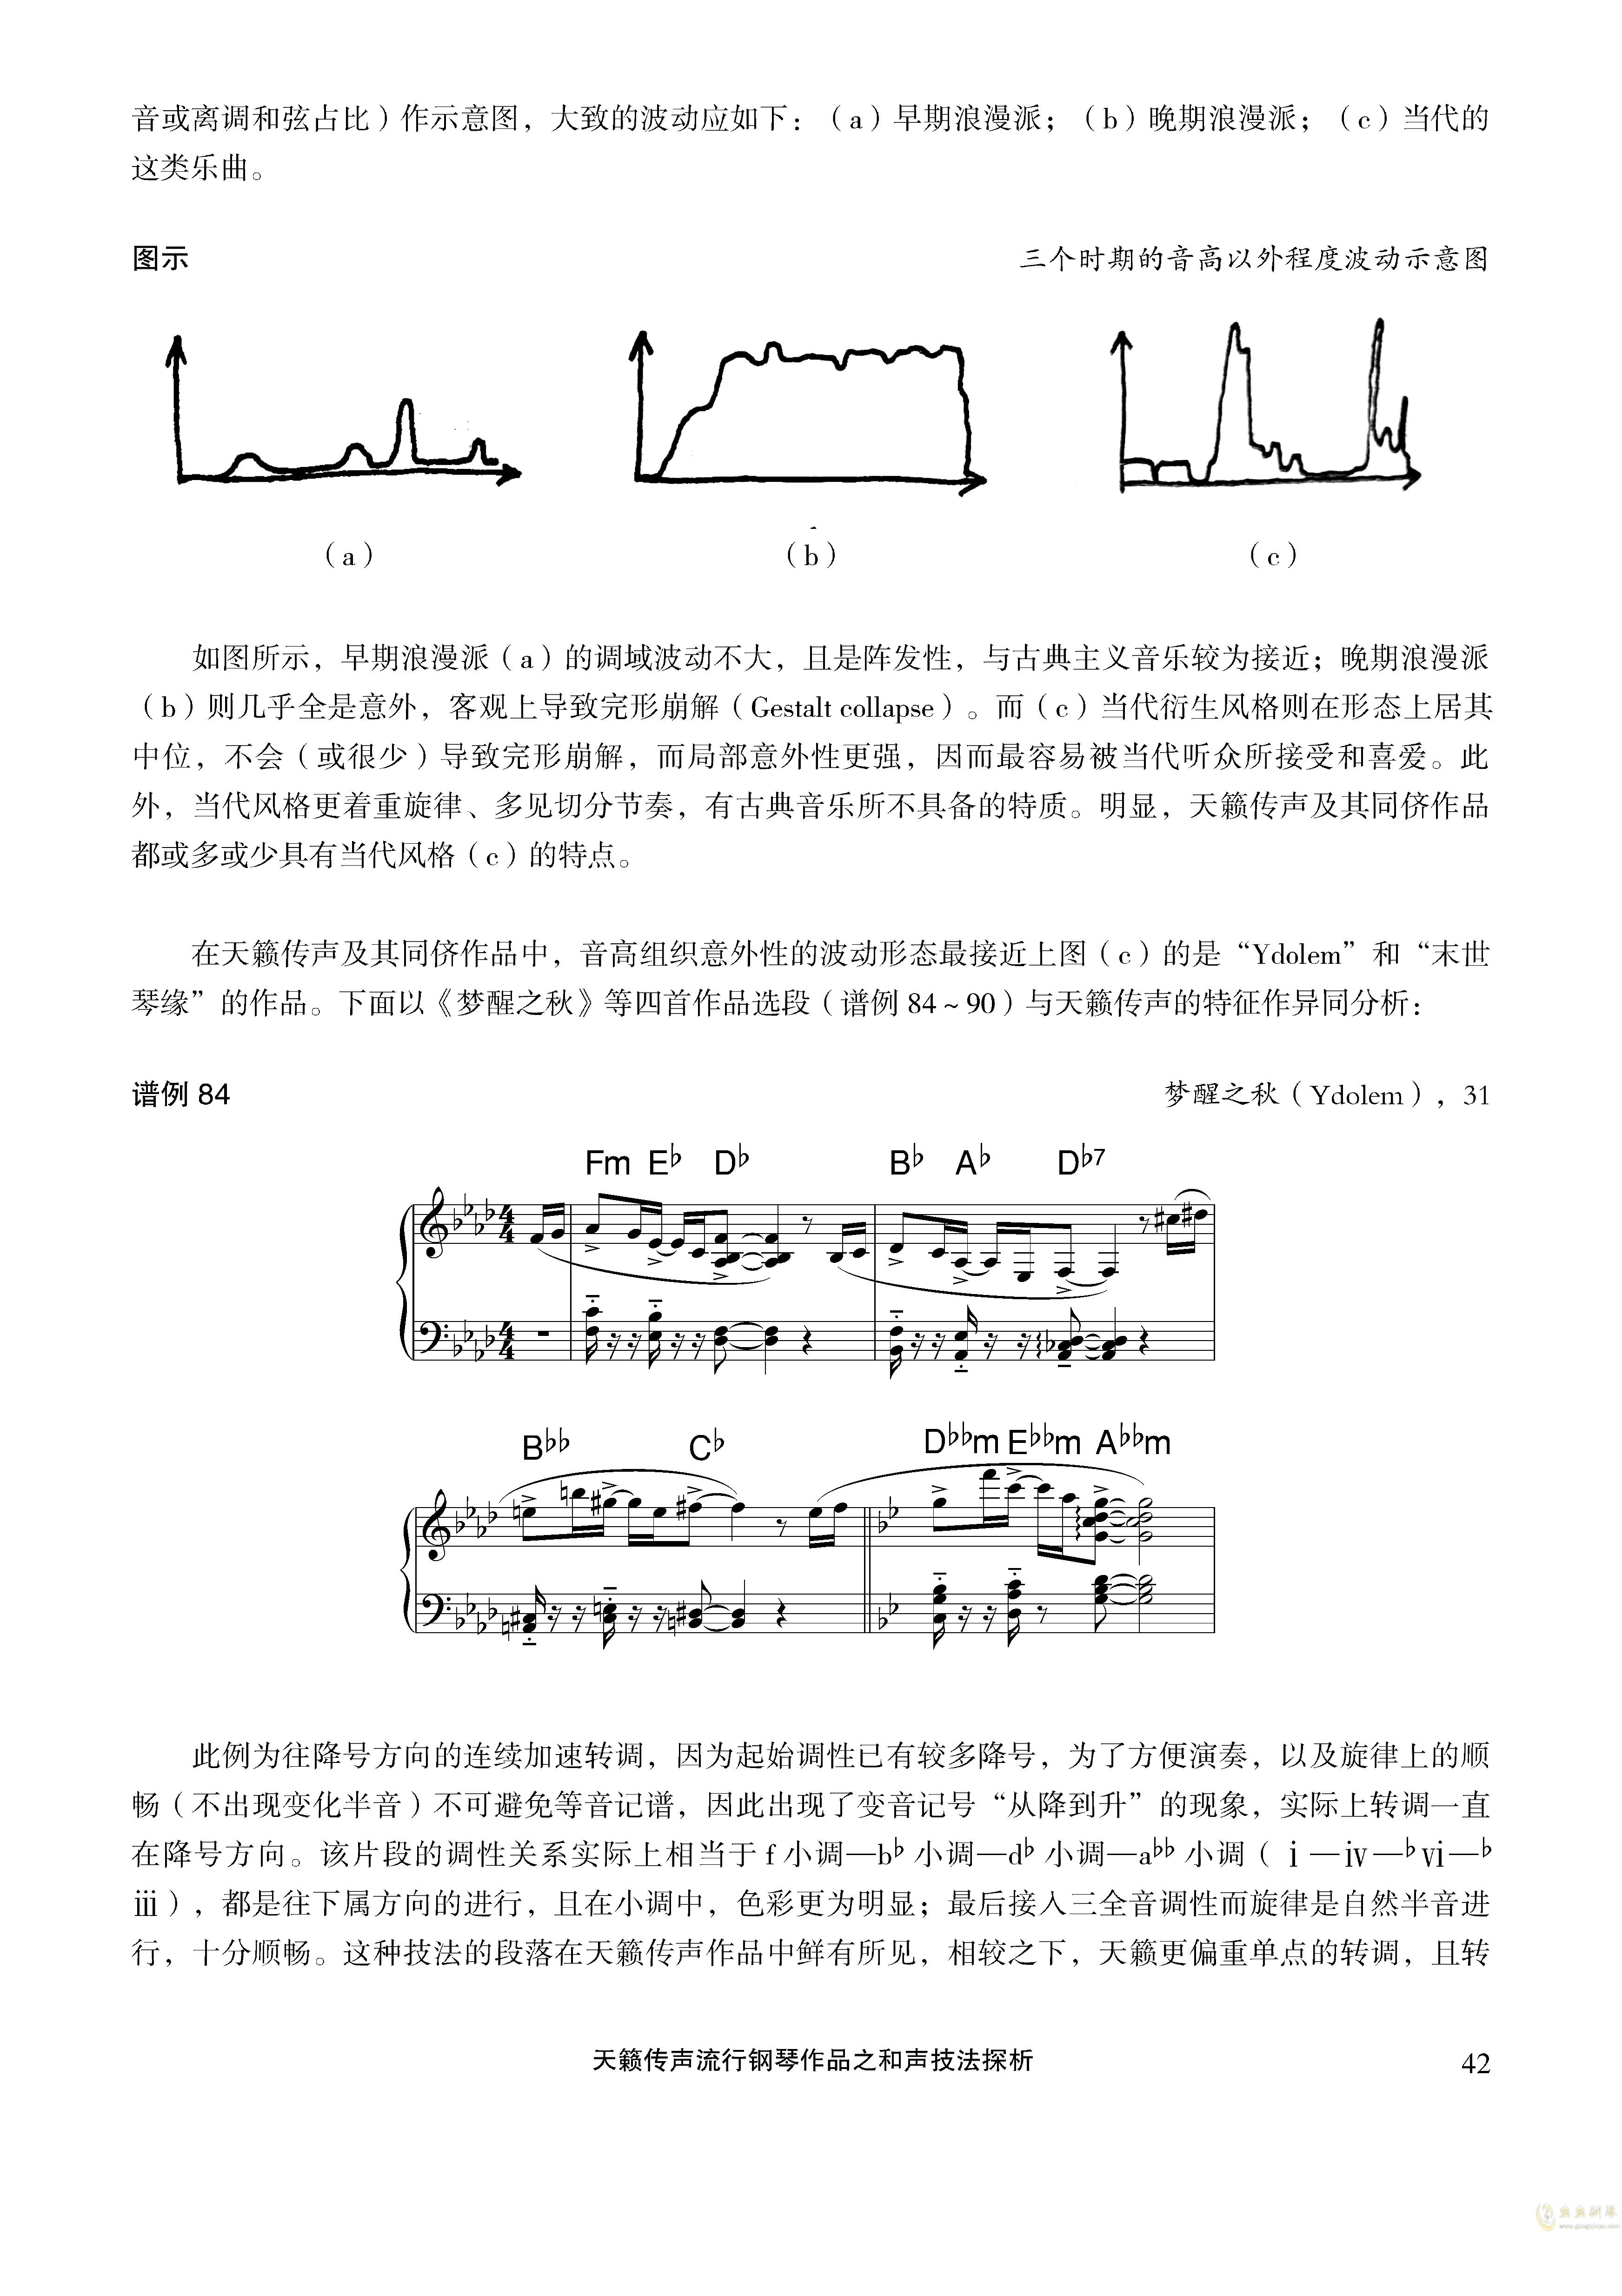 天籁传声和声技法探析钢琴谱 第42页